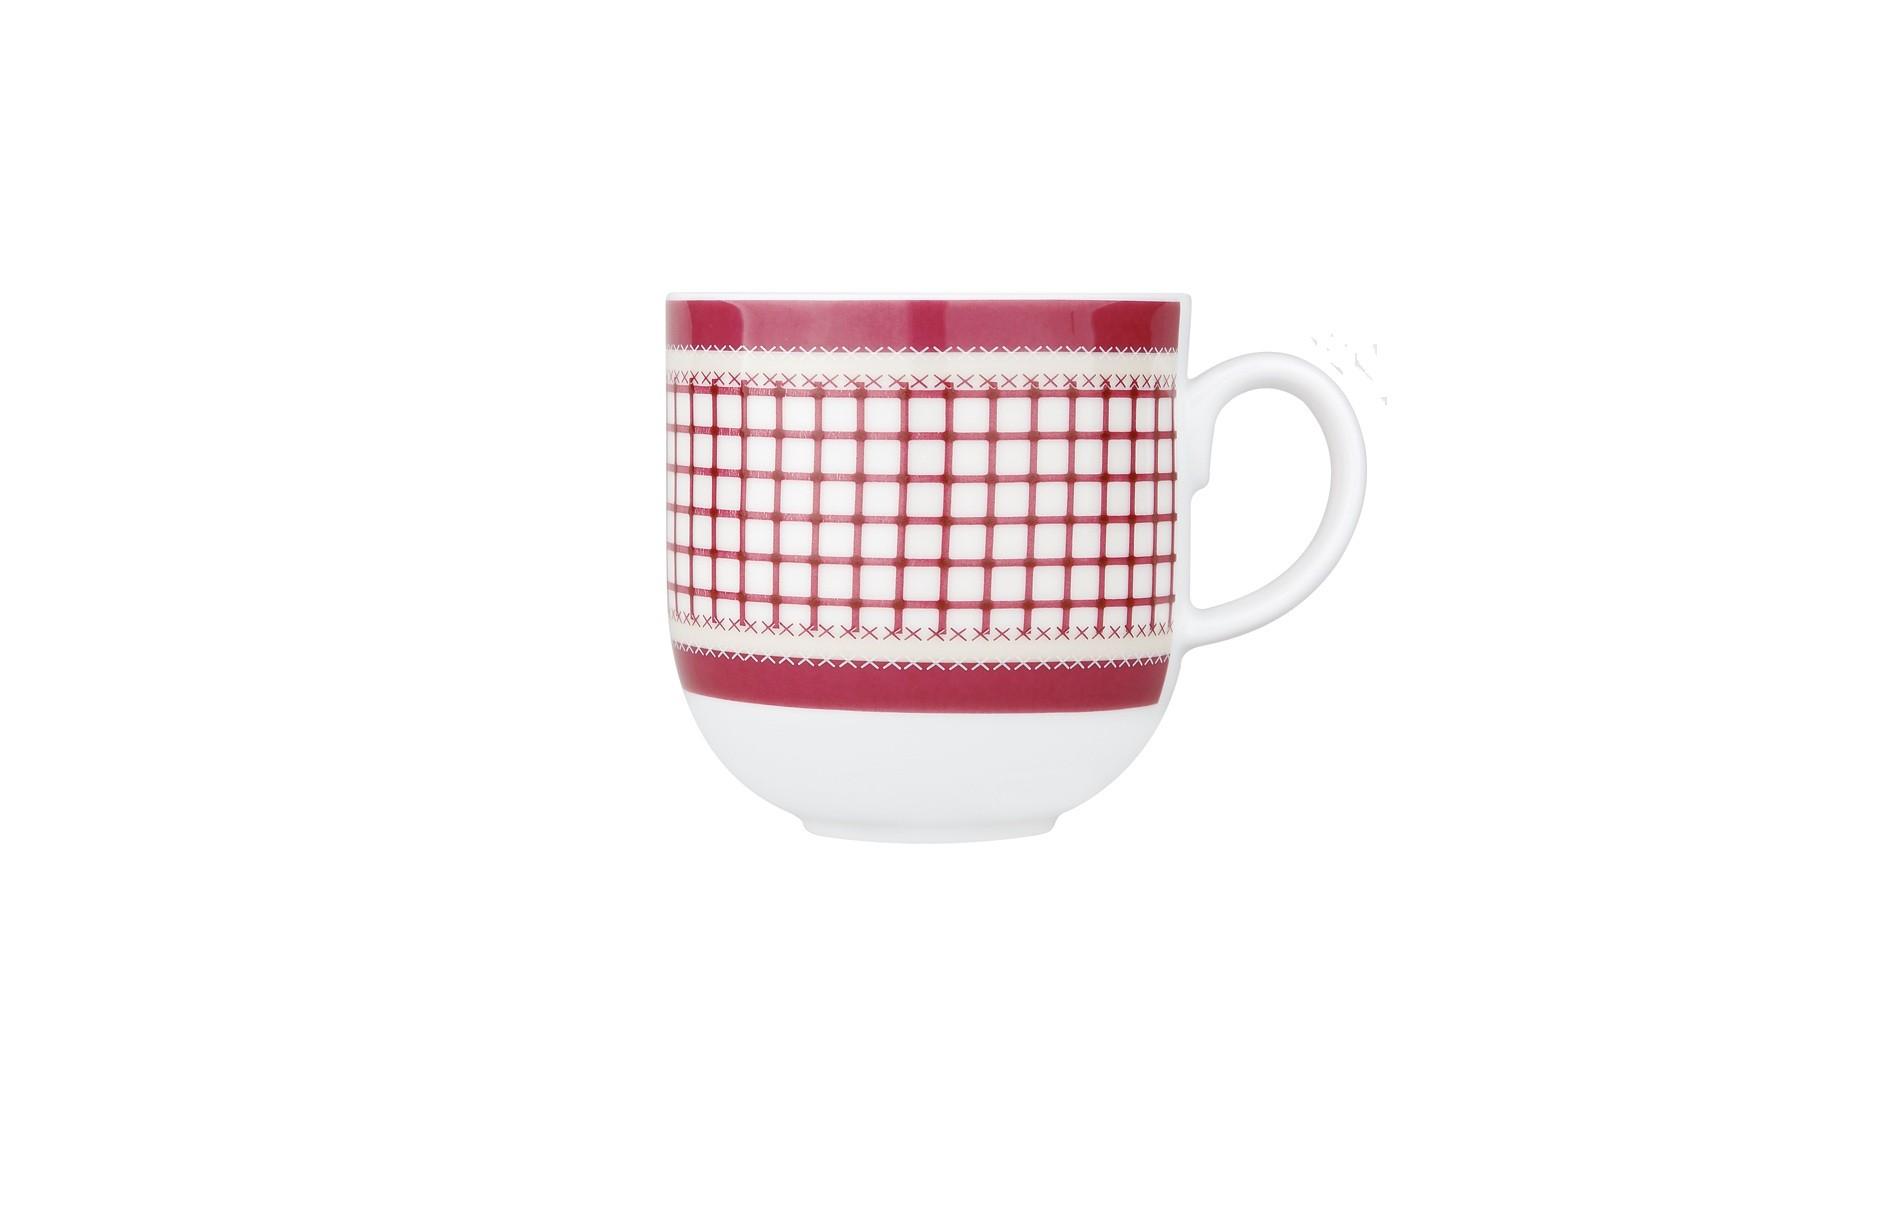 Κούπα Εξοχή Καρώ Ionia home   ειδη cafe τσαϊ   κούπες   φλυτζάνια